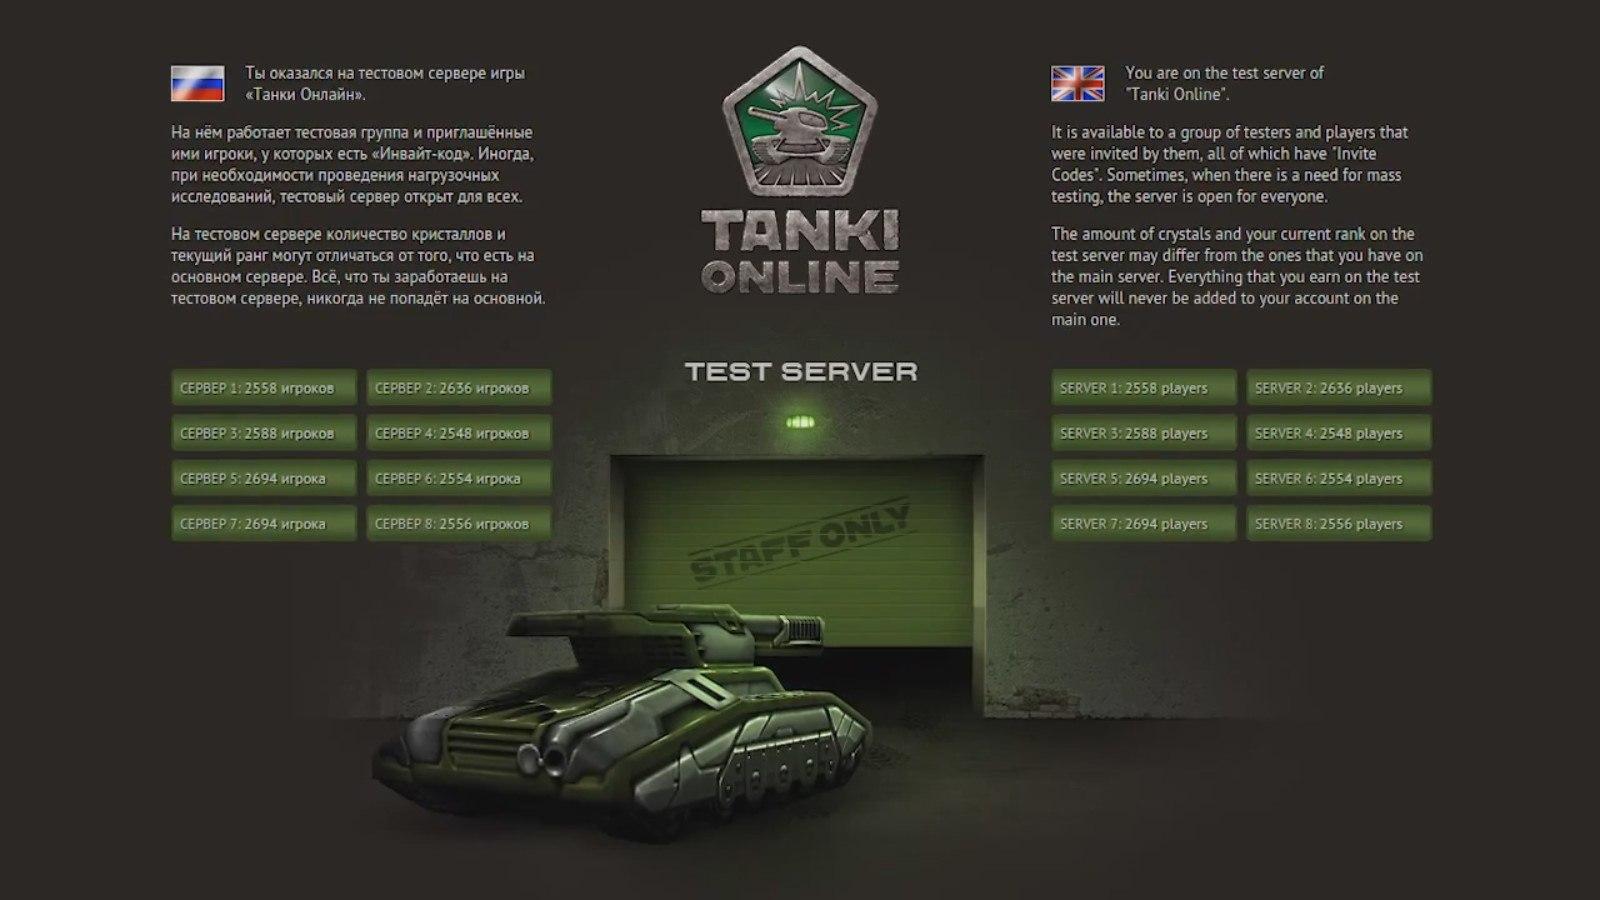 Инвайт код для танки онлайн на тестовой сервер 1 6 фотография